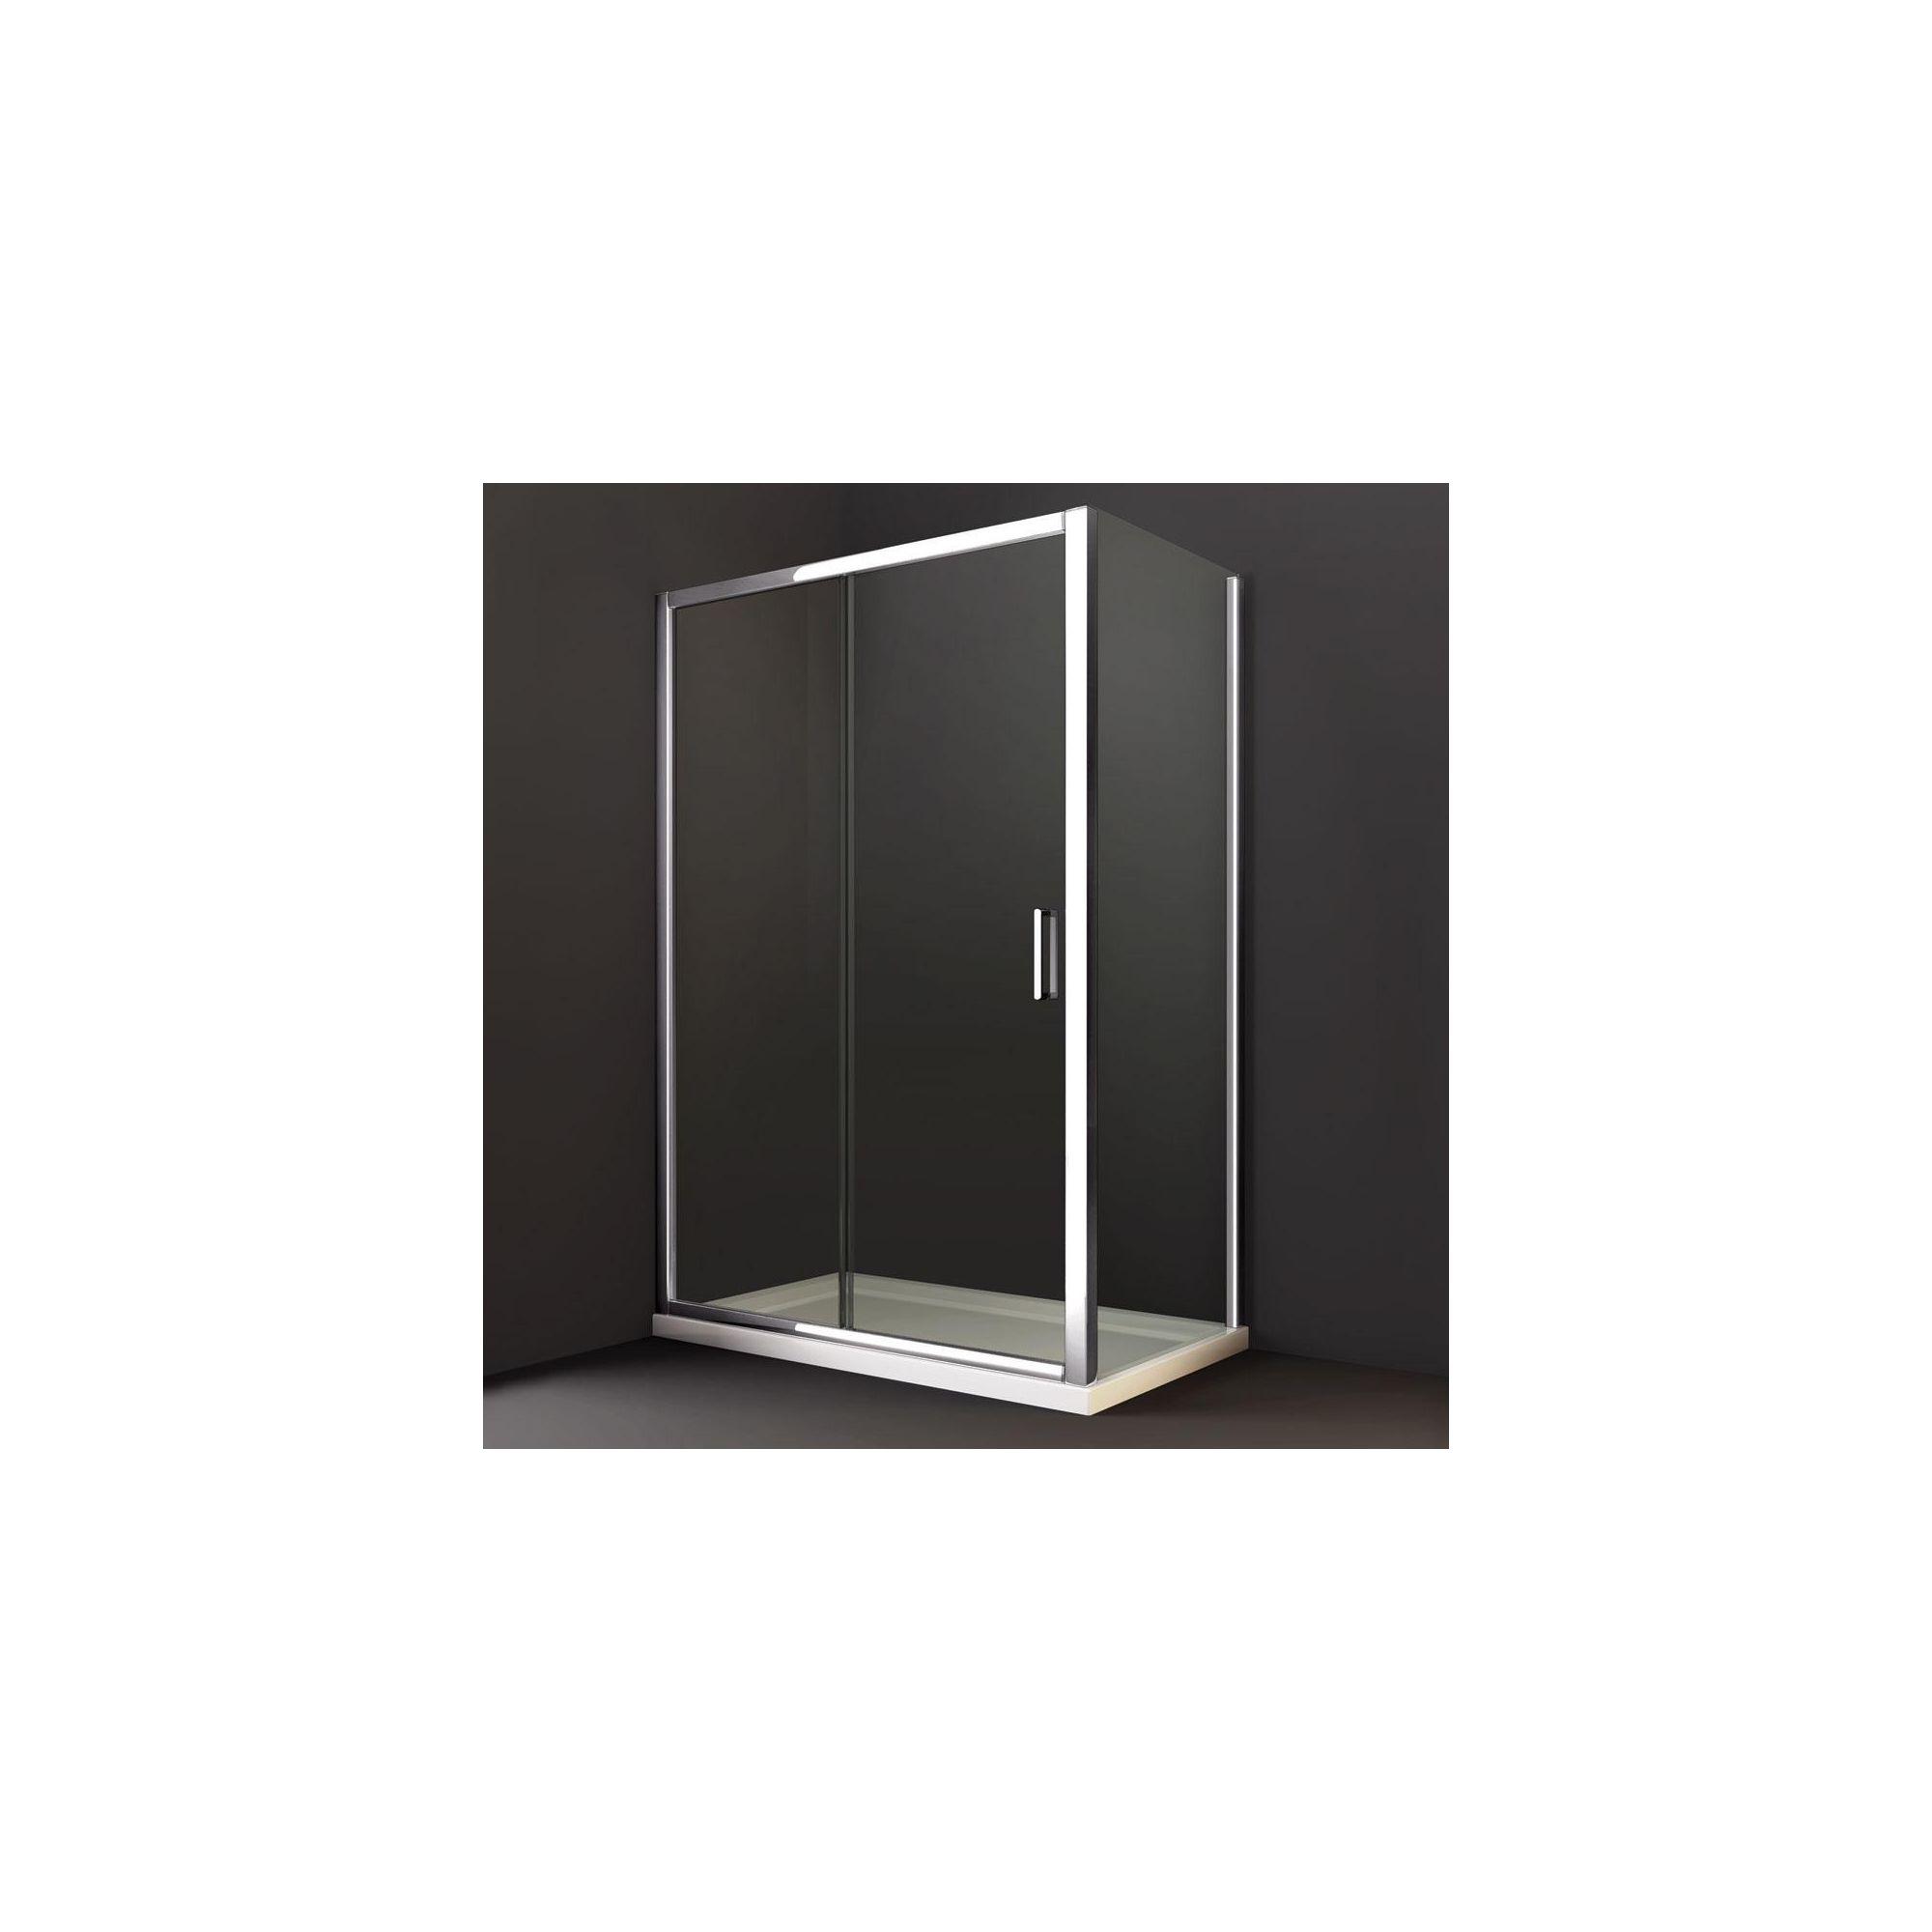 Merlyn Series 8 Sliding Shower Door, 1700mm Wide, Chrome Frame, 8mm Glass at Tesco Direct